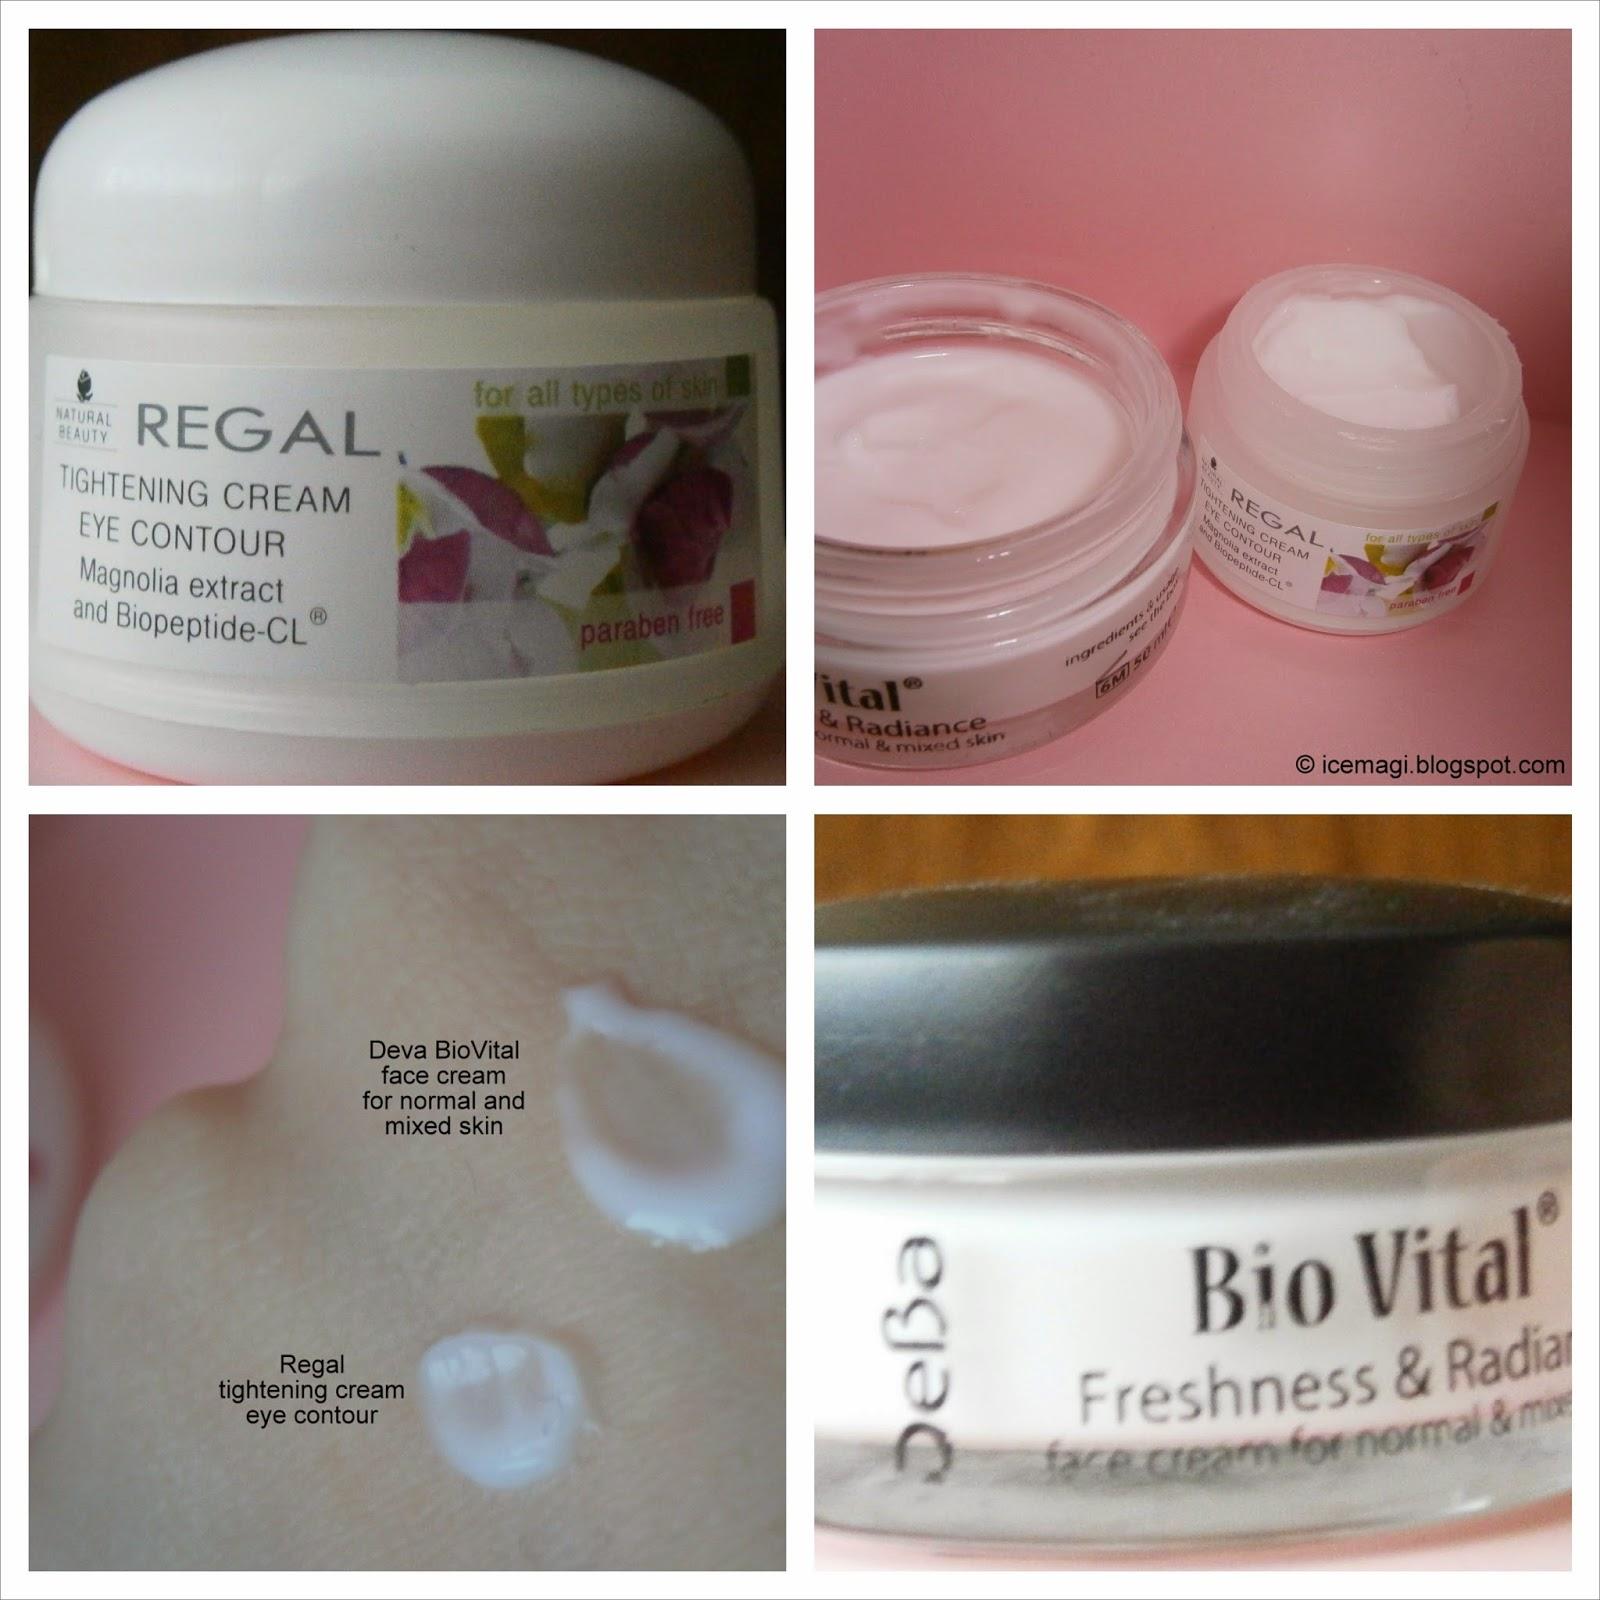 Дева БиоВитал крем за лице | Регал стягащ околоочен крем